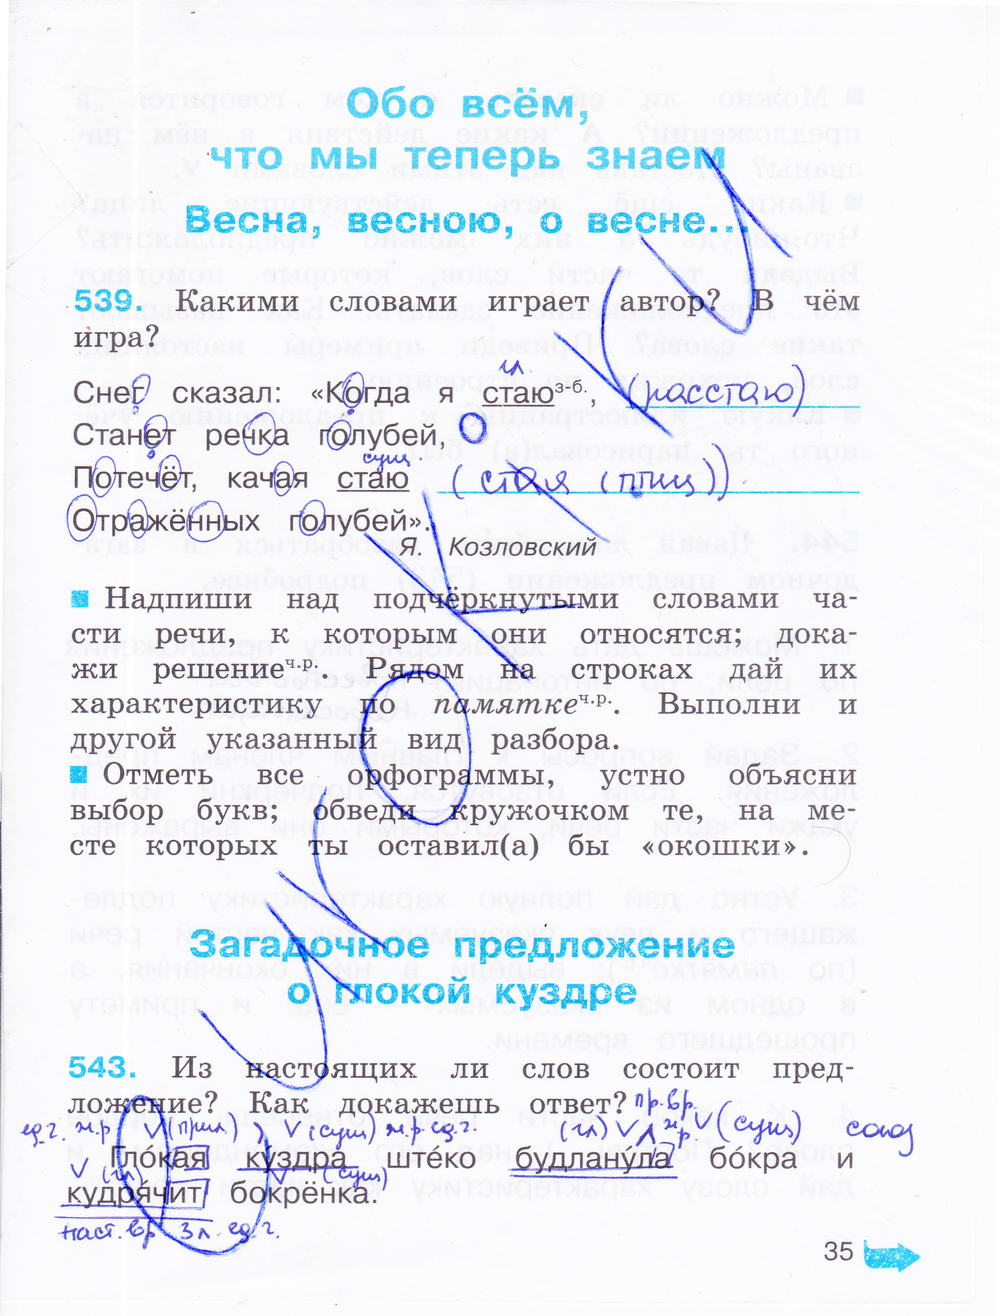 по 4 языку соловейчик 2 гдз классxfcnm русскому кузьменко